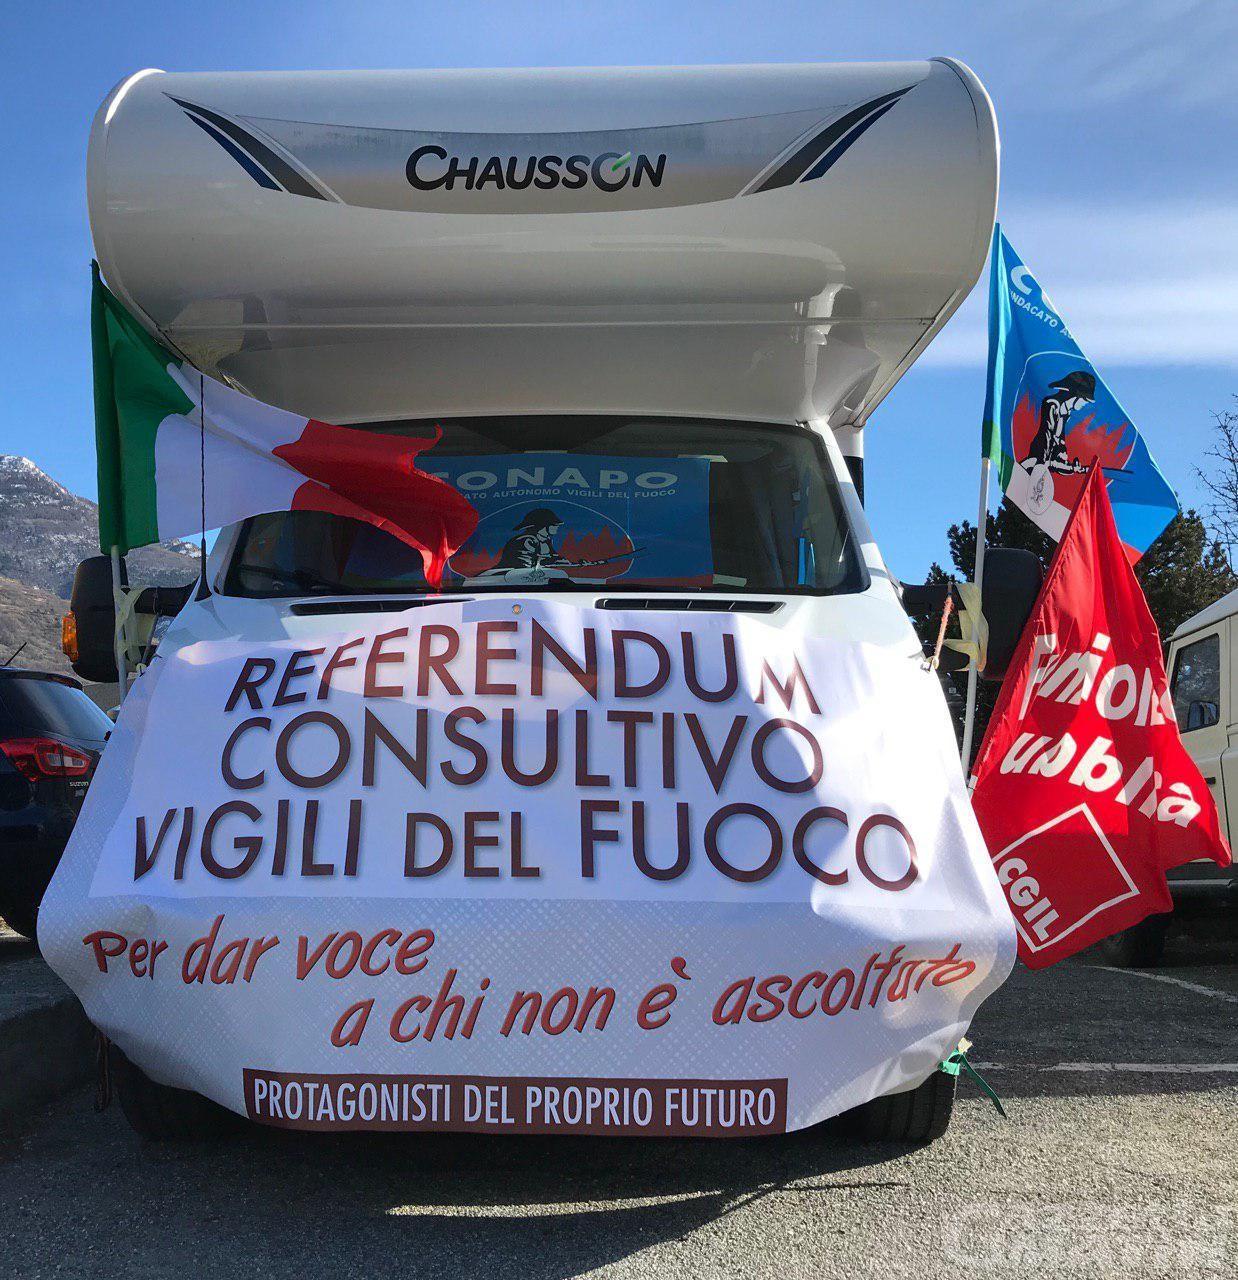 Referendum Vigili del Fuoco: «Roma attende le mosse della Regione»